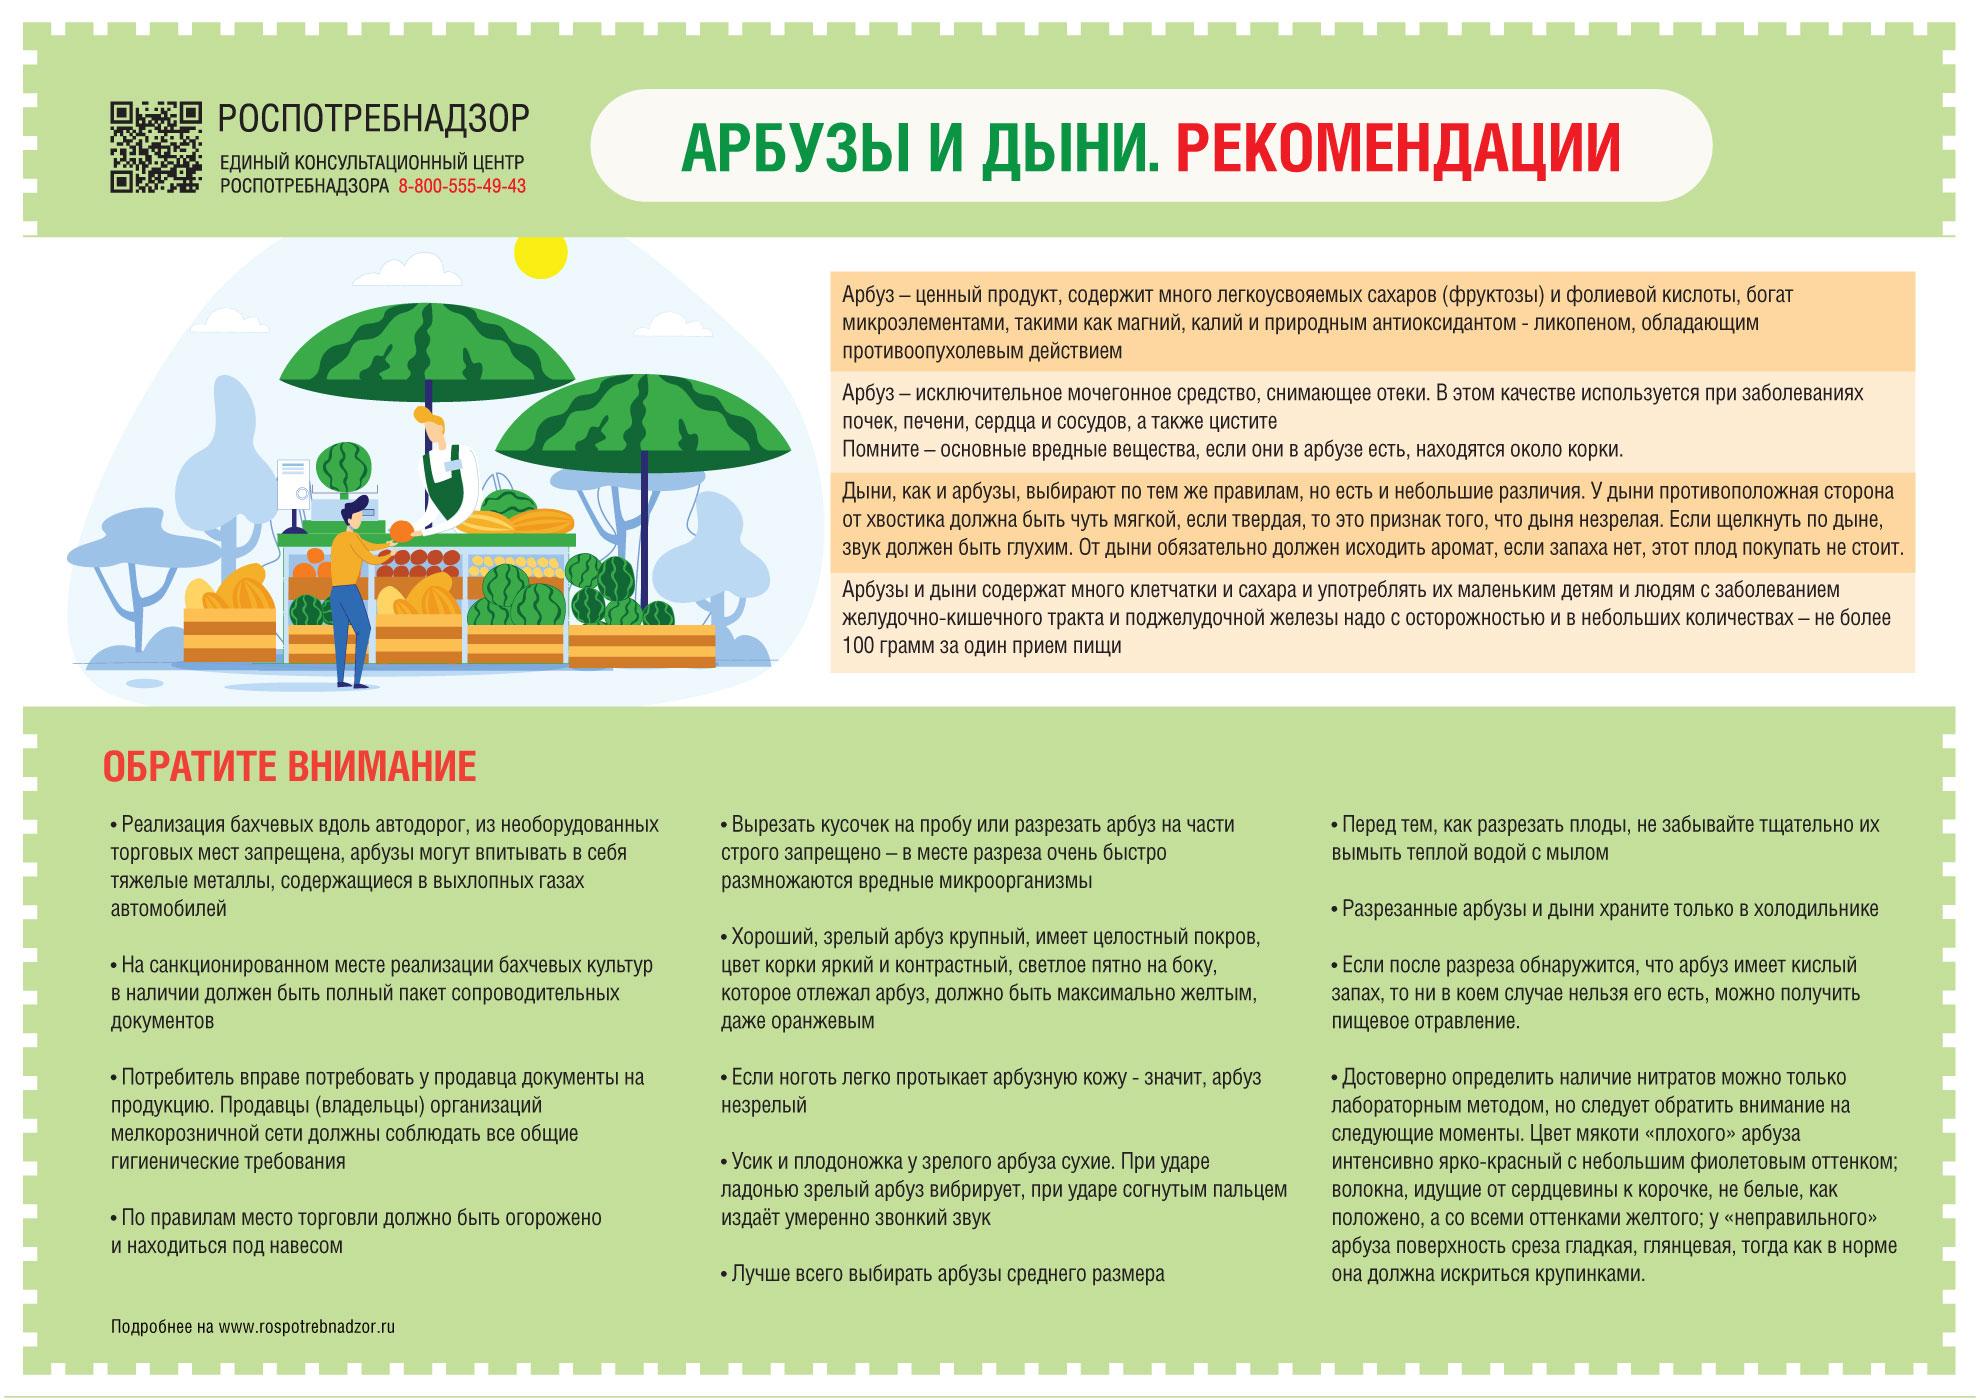 Роспотребнадзор Тверской области дал советы по выбору самого спелого арбуза и дыни